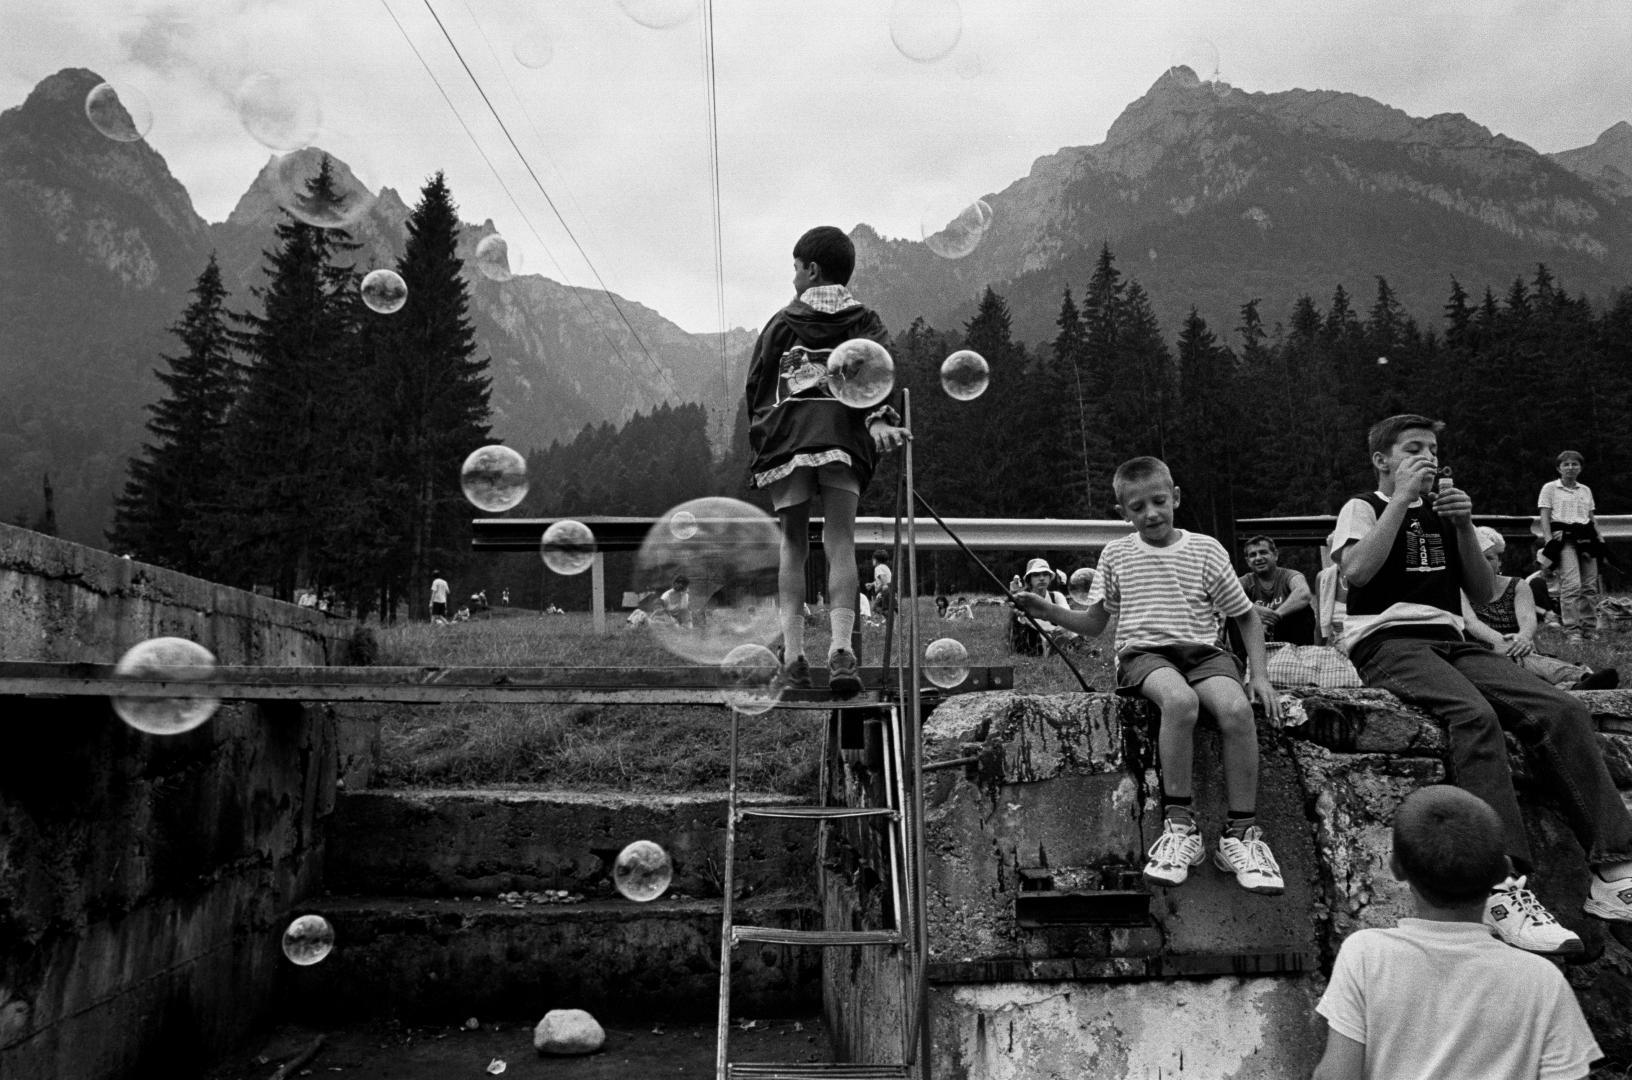 Molnár Zoltán, Bucsecs, Erdély I Bucegi, Transylvania, 2001 © Molnár Zoltán